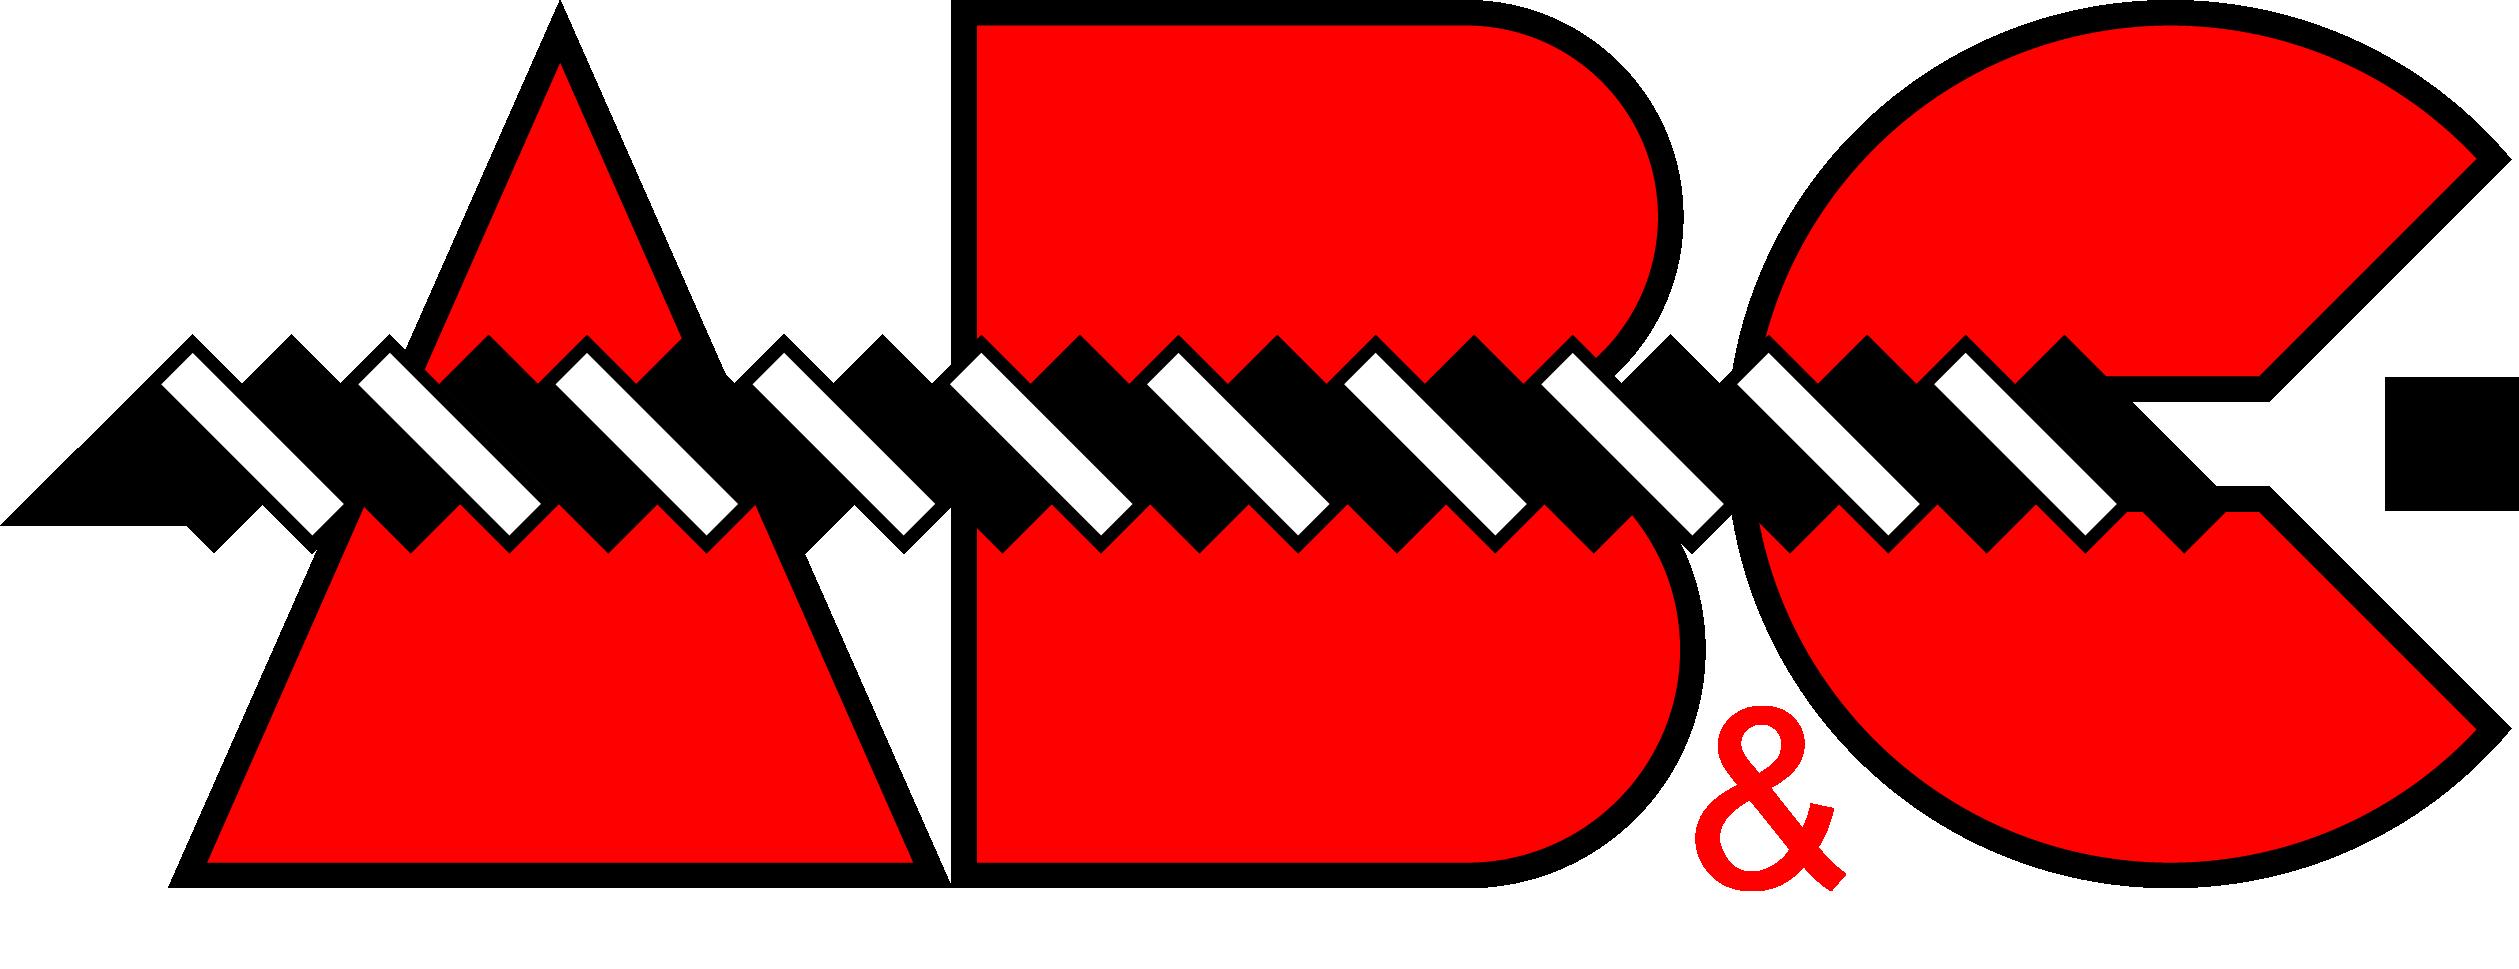 AB&C Brand